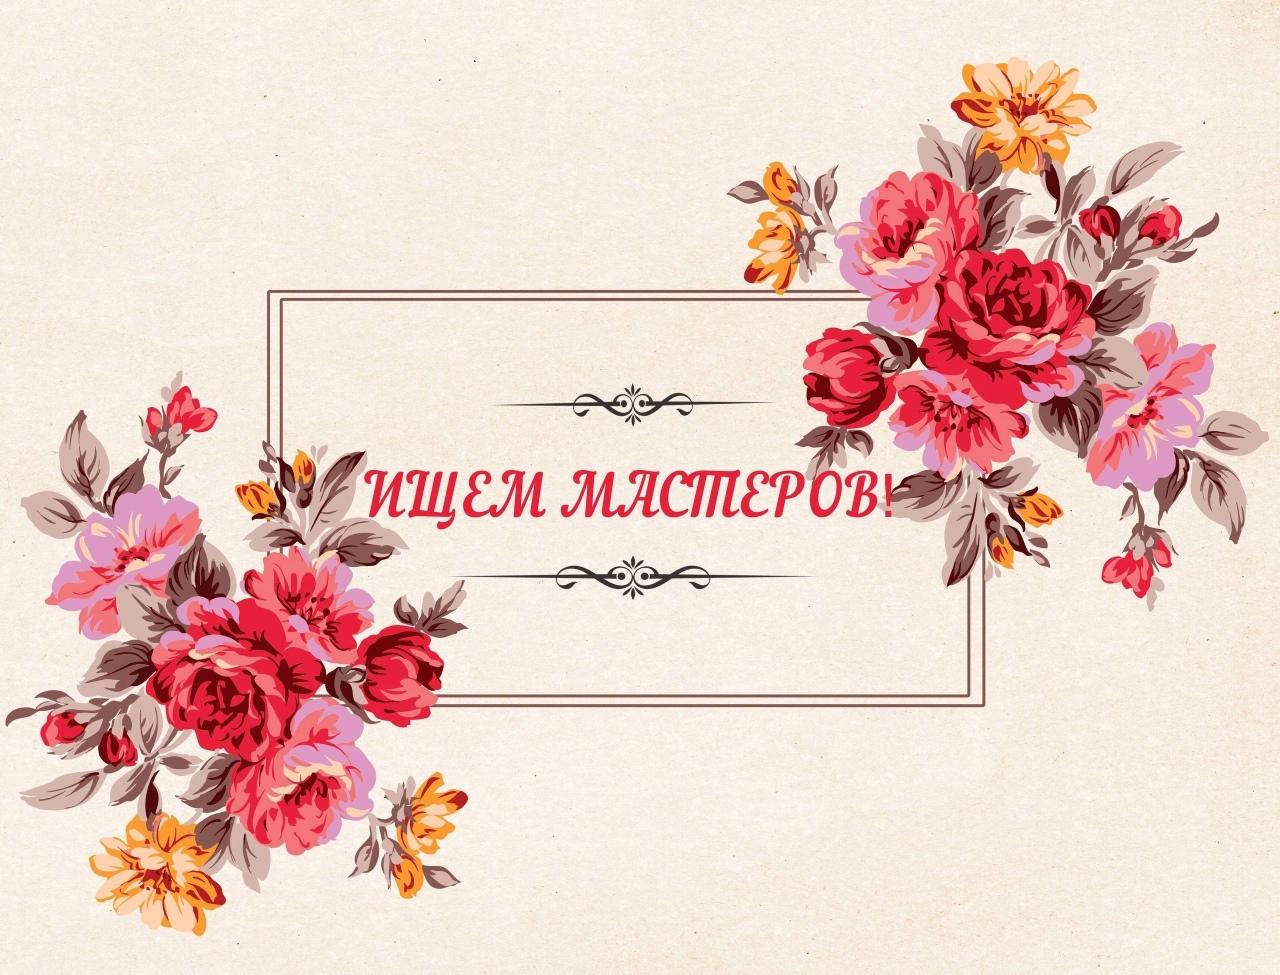 На нашем долгожданном празднике Иконы Казанской Божией матери 4 ноября в Доме Культуры мы ждём мастеров и мастериц для проведения творческих мастер - классов.